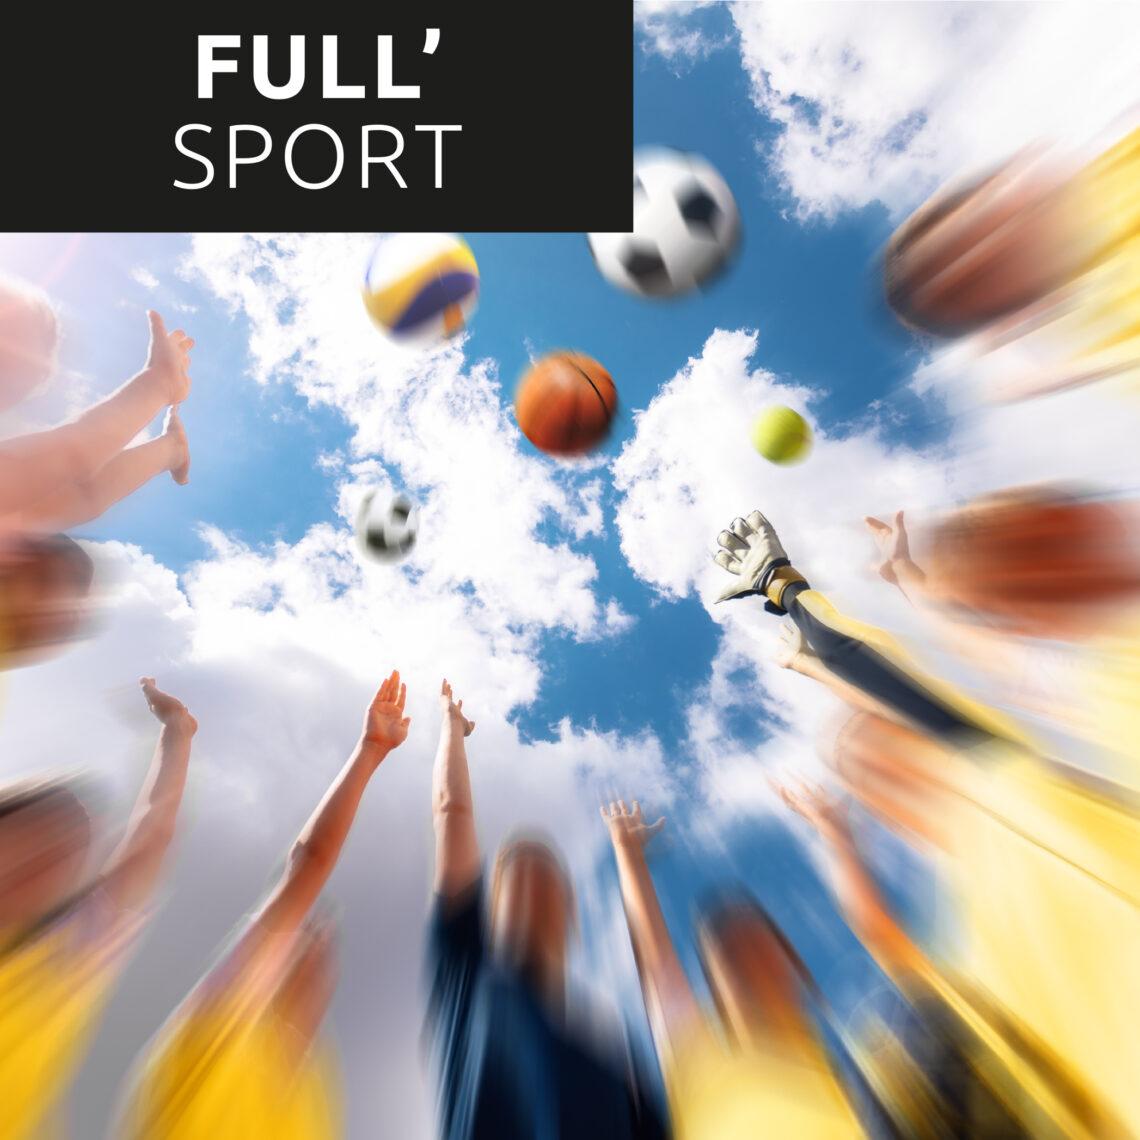 Régie Sportive Hutoise : Activité : FULL'Sport